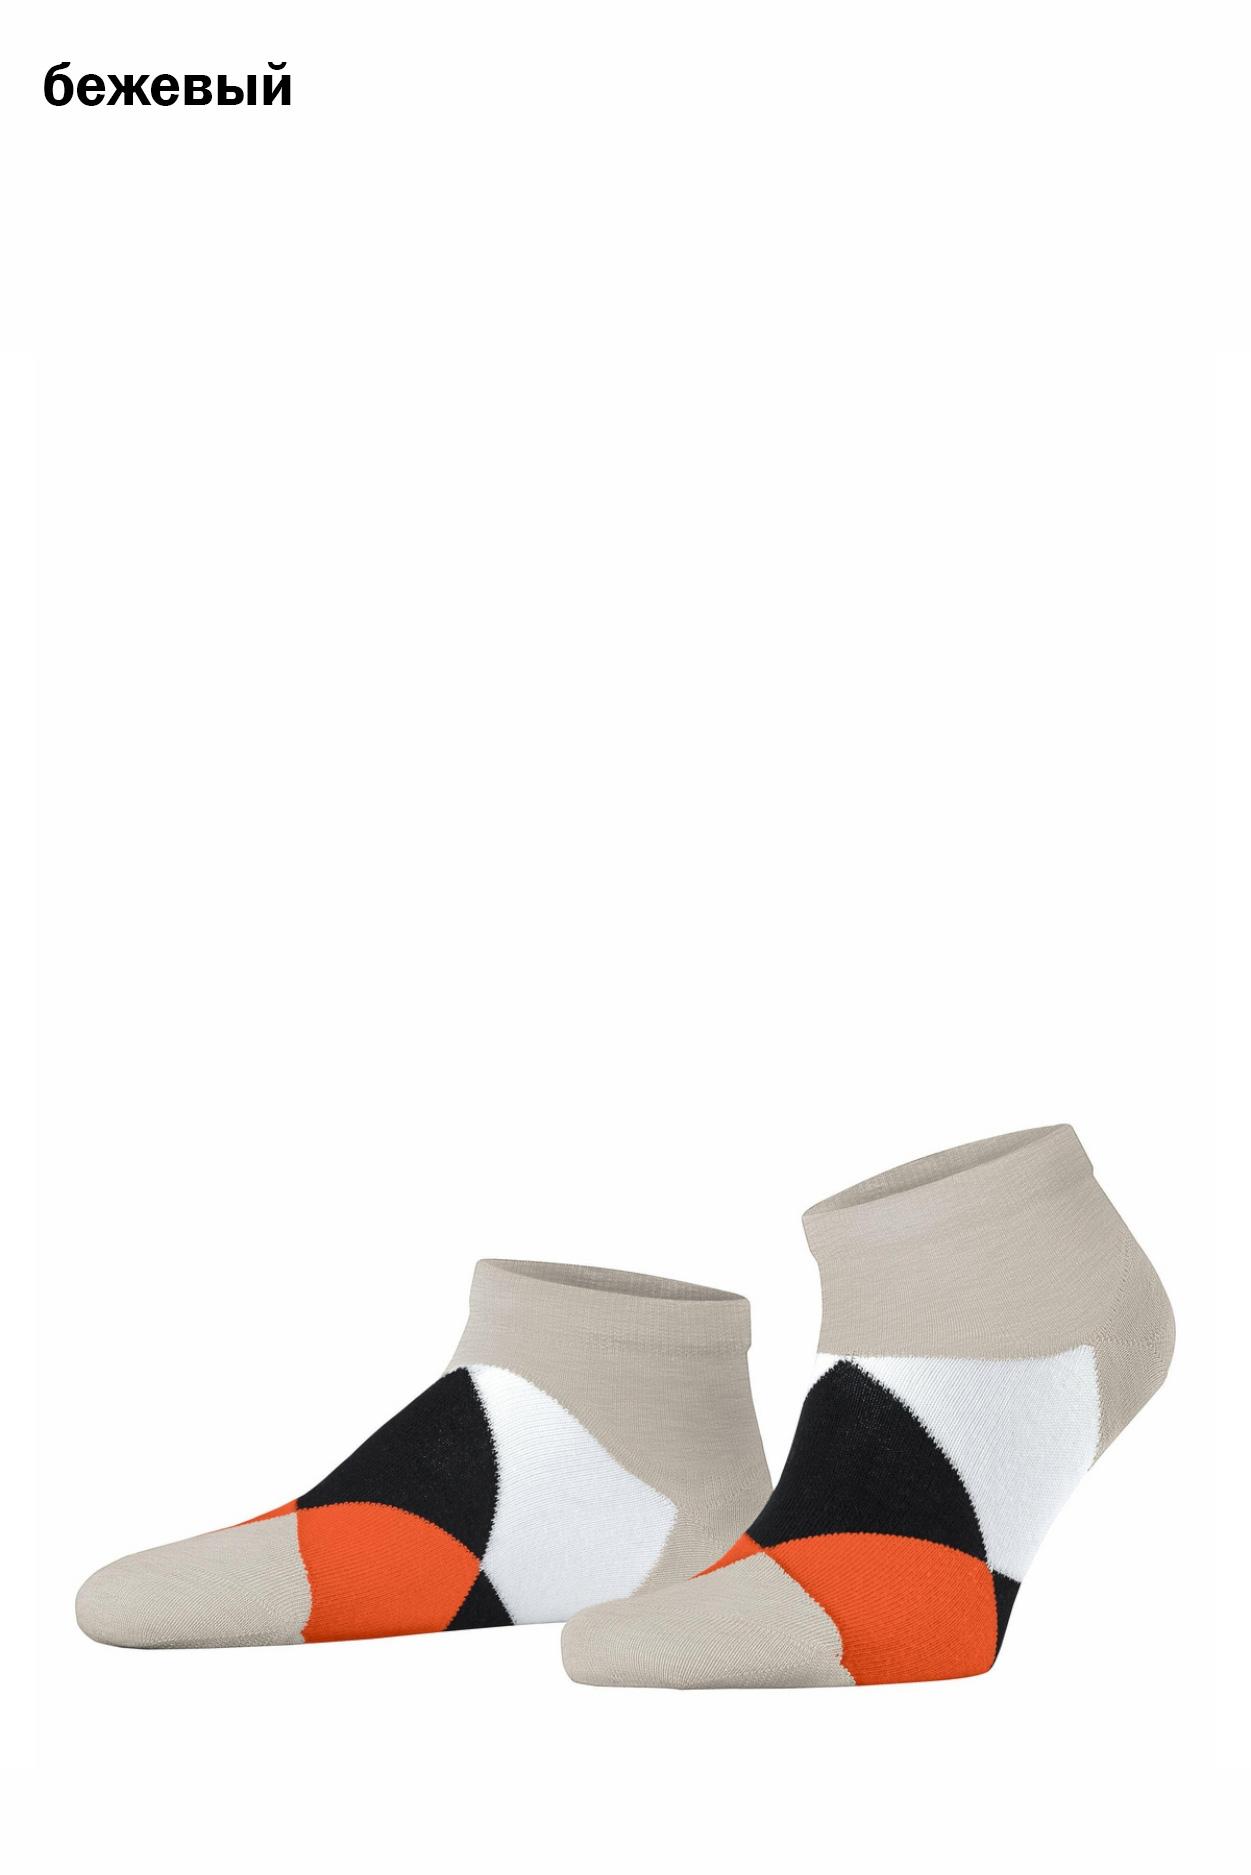 Укороченные носки 21063 Clyde Burlington